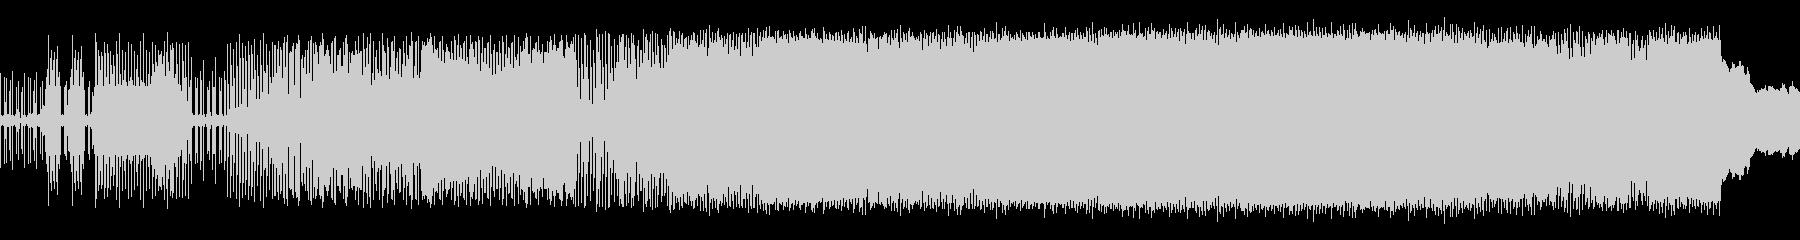 淡々としたリズムBGMの未再生の波形